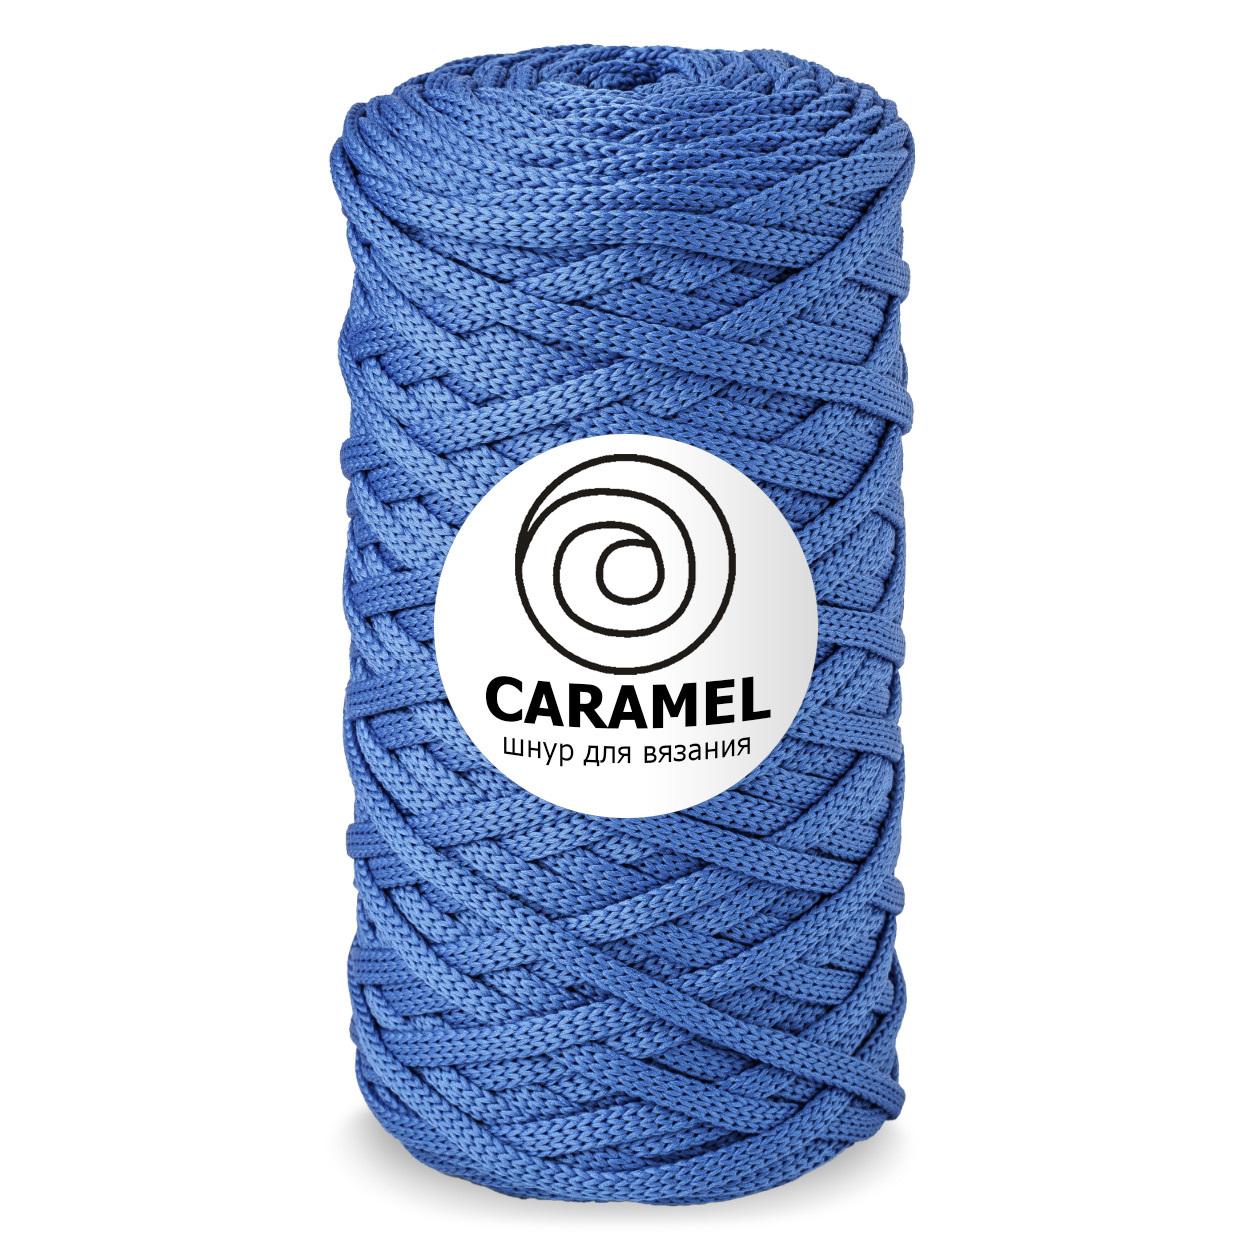 Плоский полиэфирный шнур Caramel Полиэфирный шнур Caramel Тунис new_image.jpeg